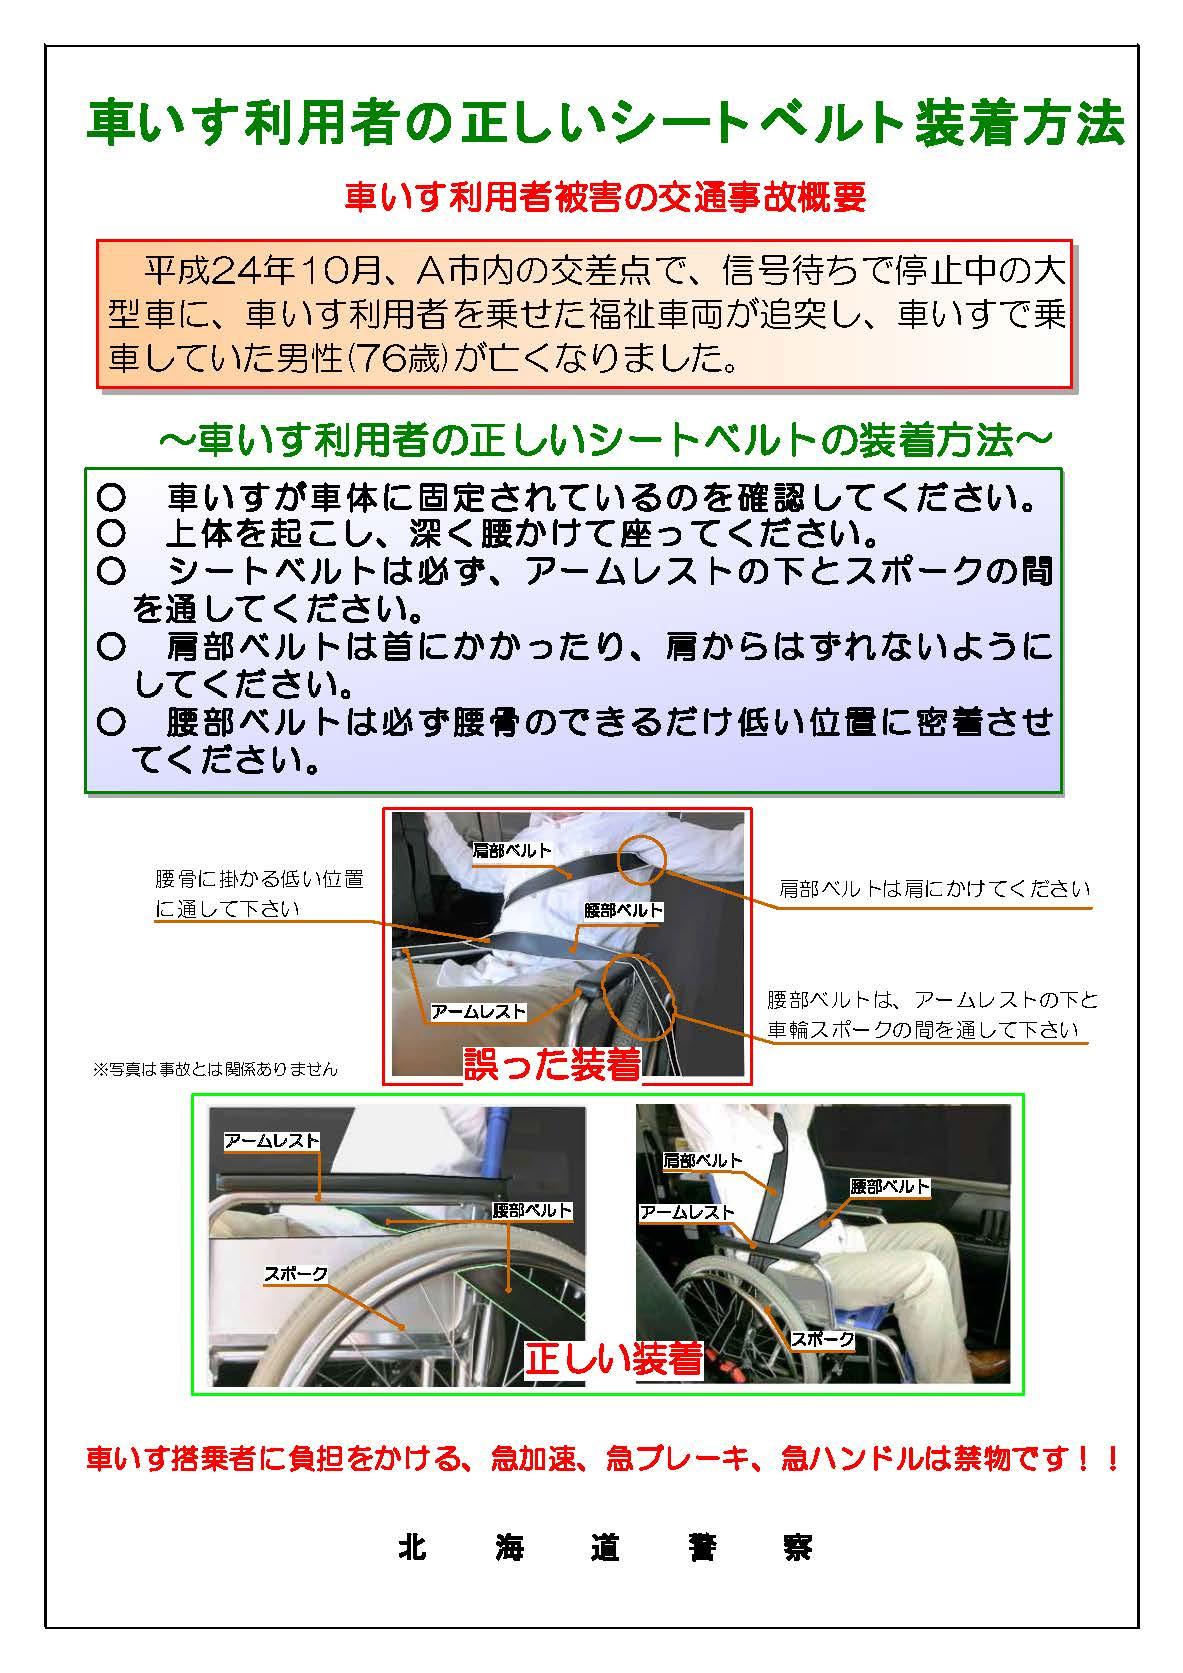 車いすシートベルト装着(北海道警)